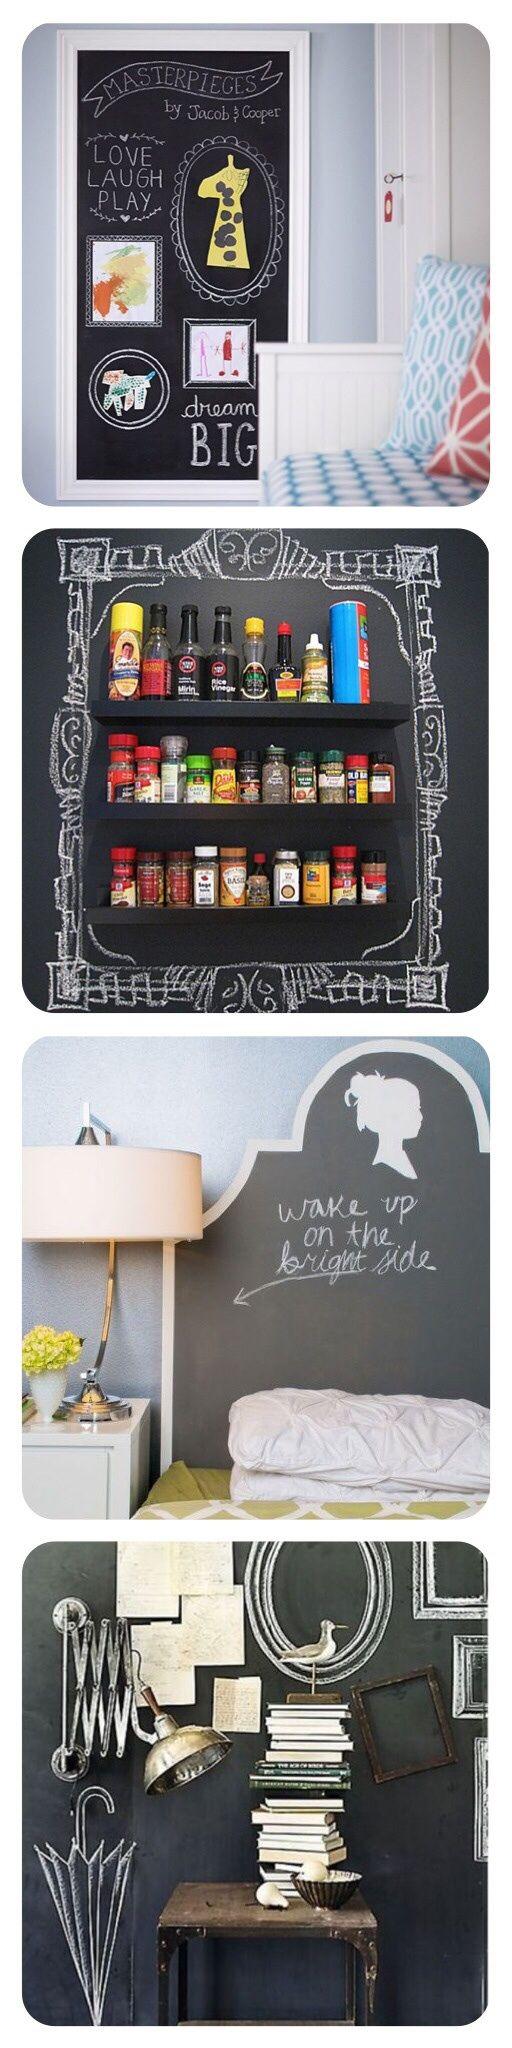 Del ritorno a scuola, di lavagne e pitture per pareti. | ReFresh